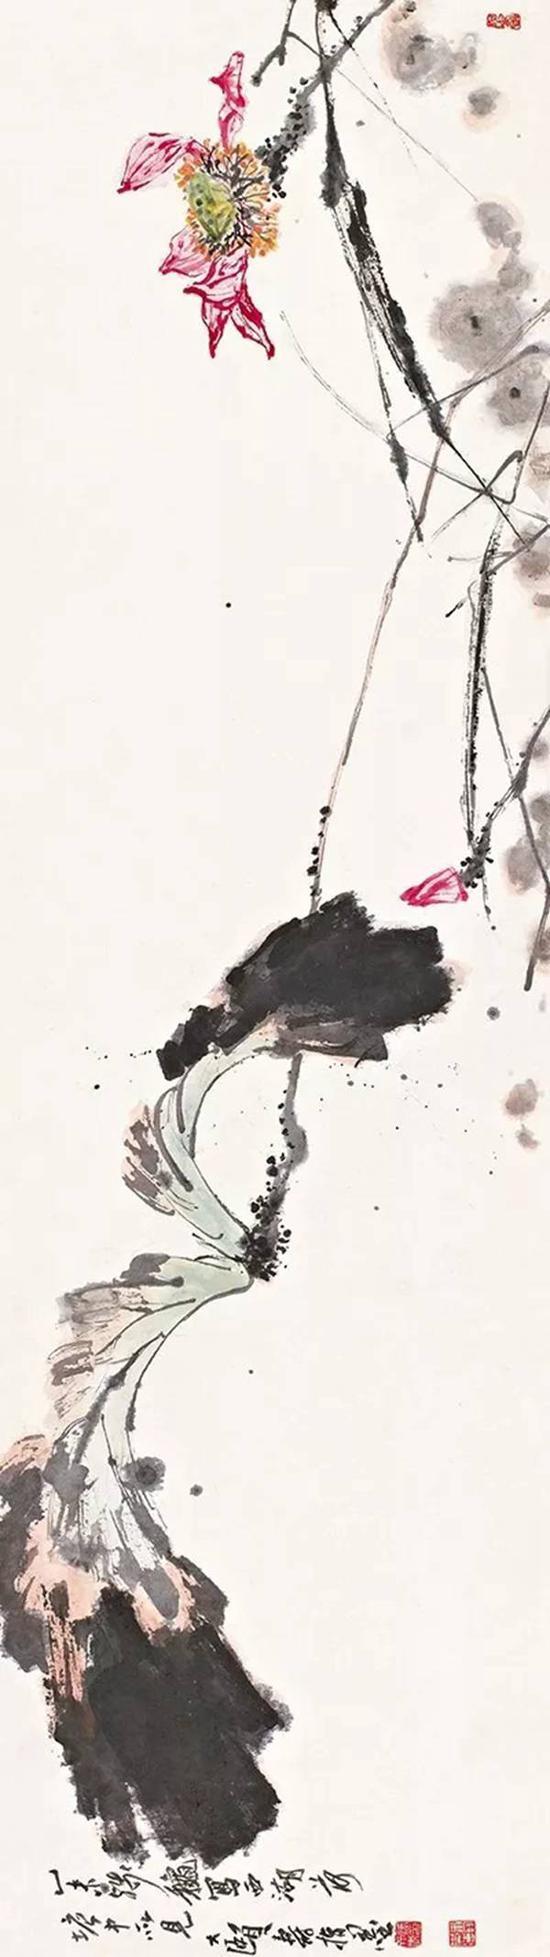 11秋诚轩编号479拍品潘天寿指画《西湖荷塘》,5.5平尺以1207.5万元成交,同样是指画,尺寸也差不多。